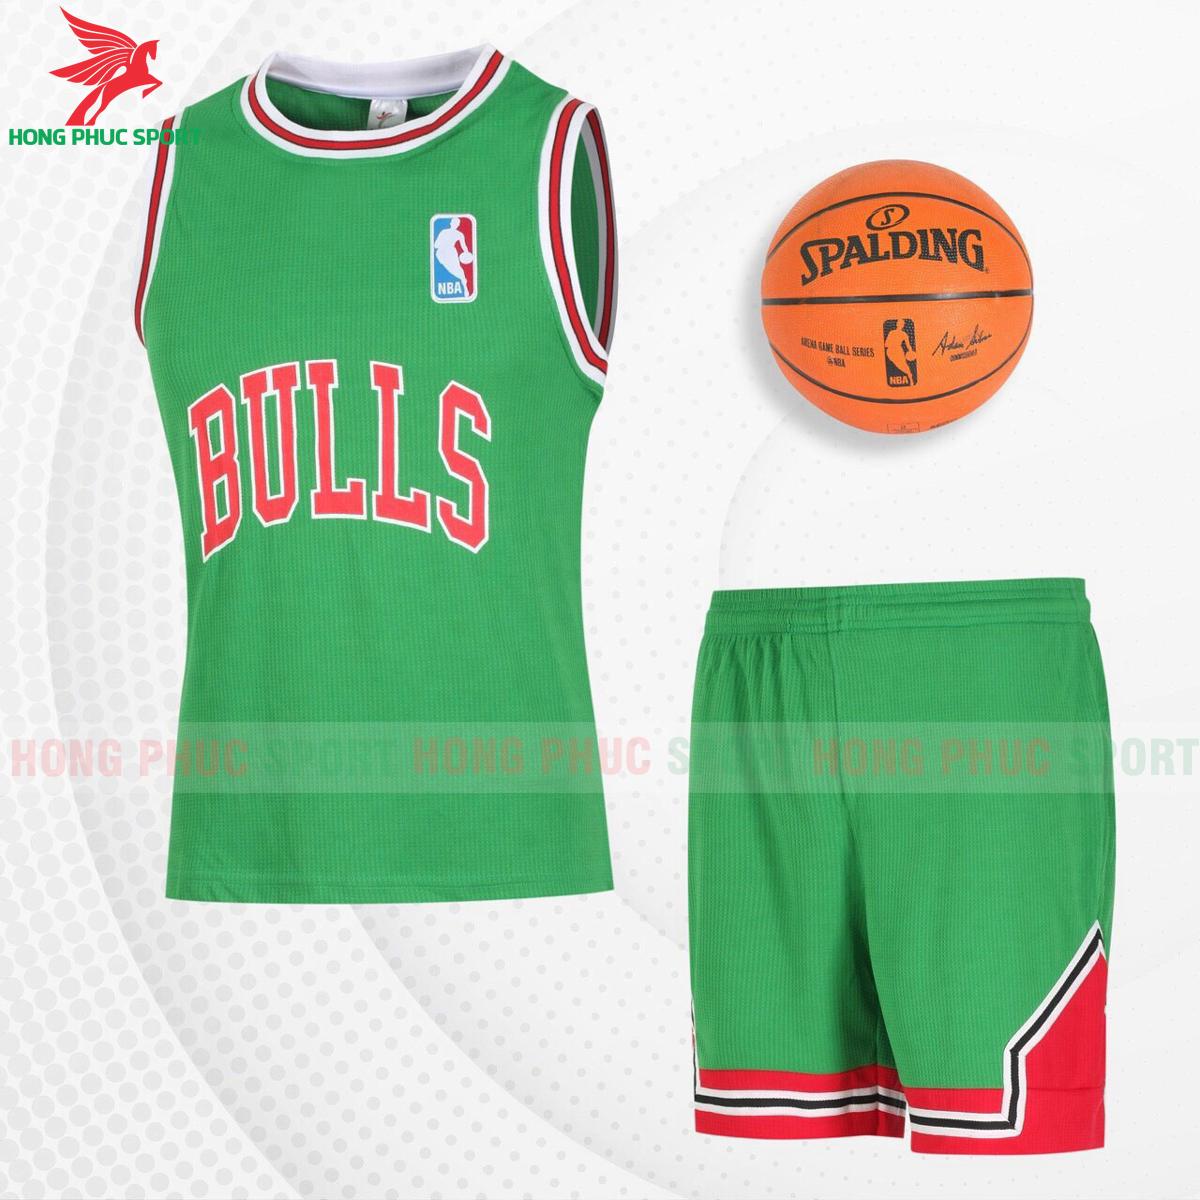 Quần áo bóng rổBulls 2021màu xanh lá